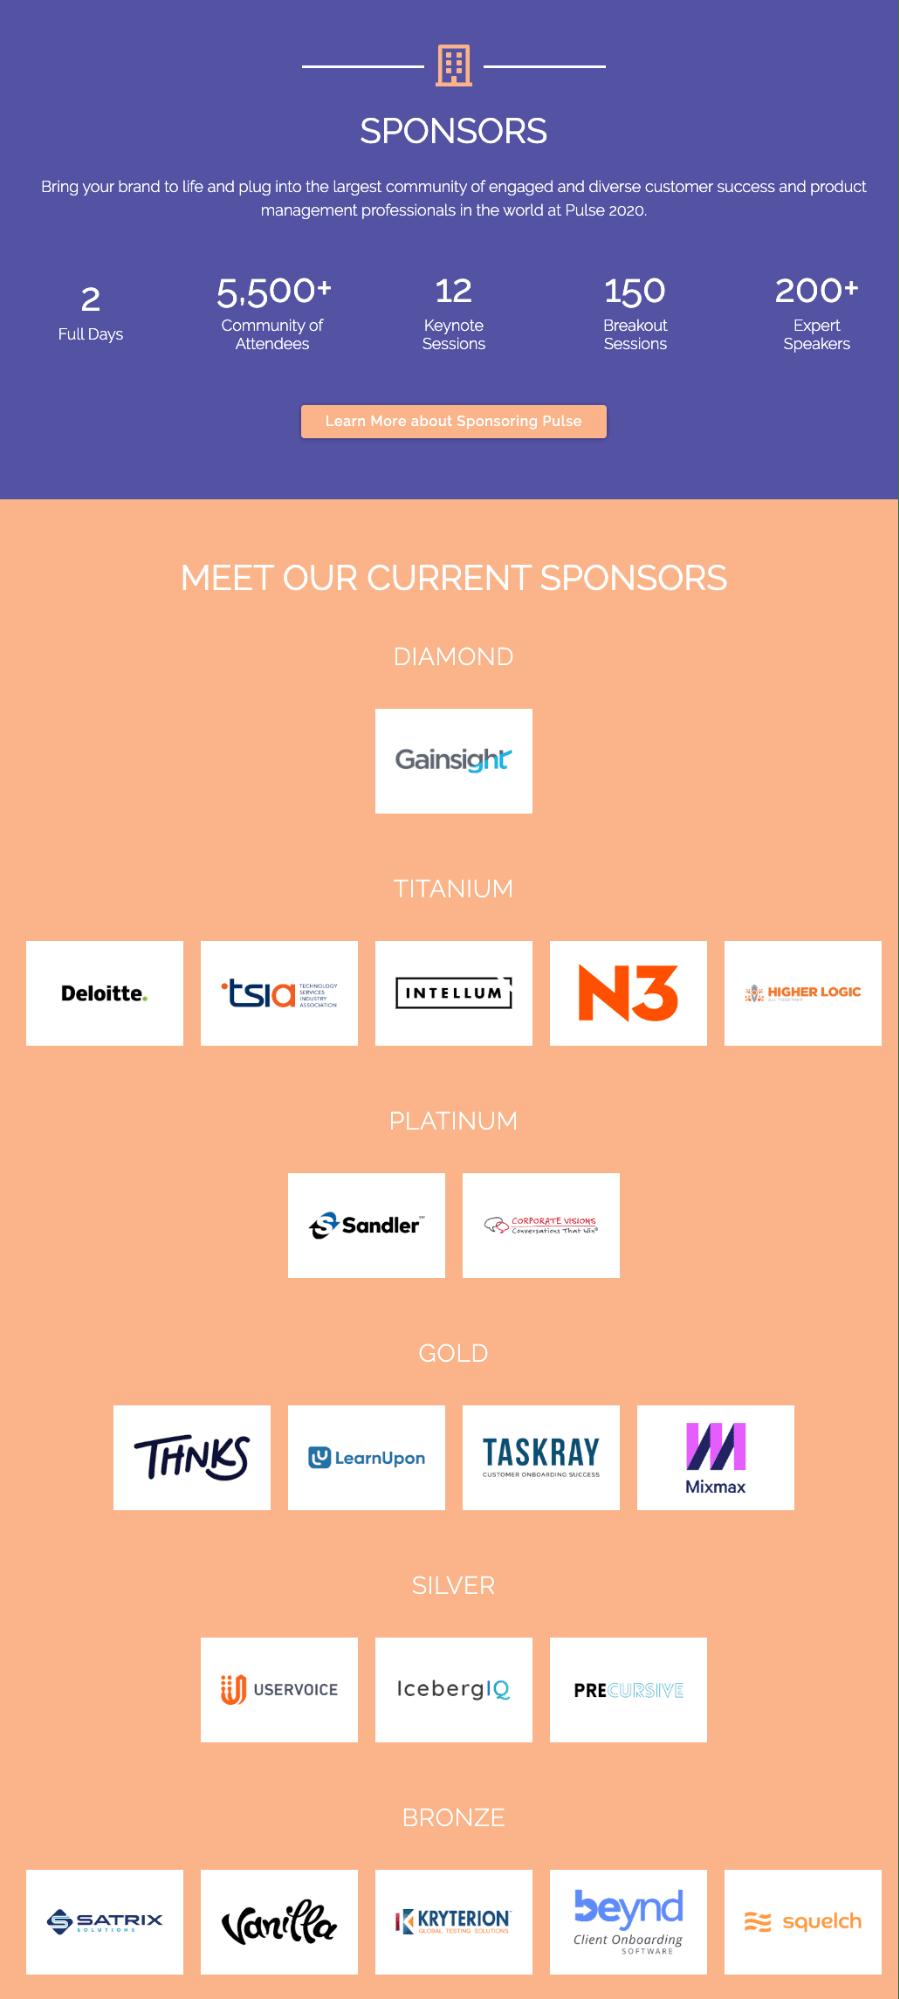 Pulse 2020 sponsors-event sponsorship guide